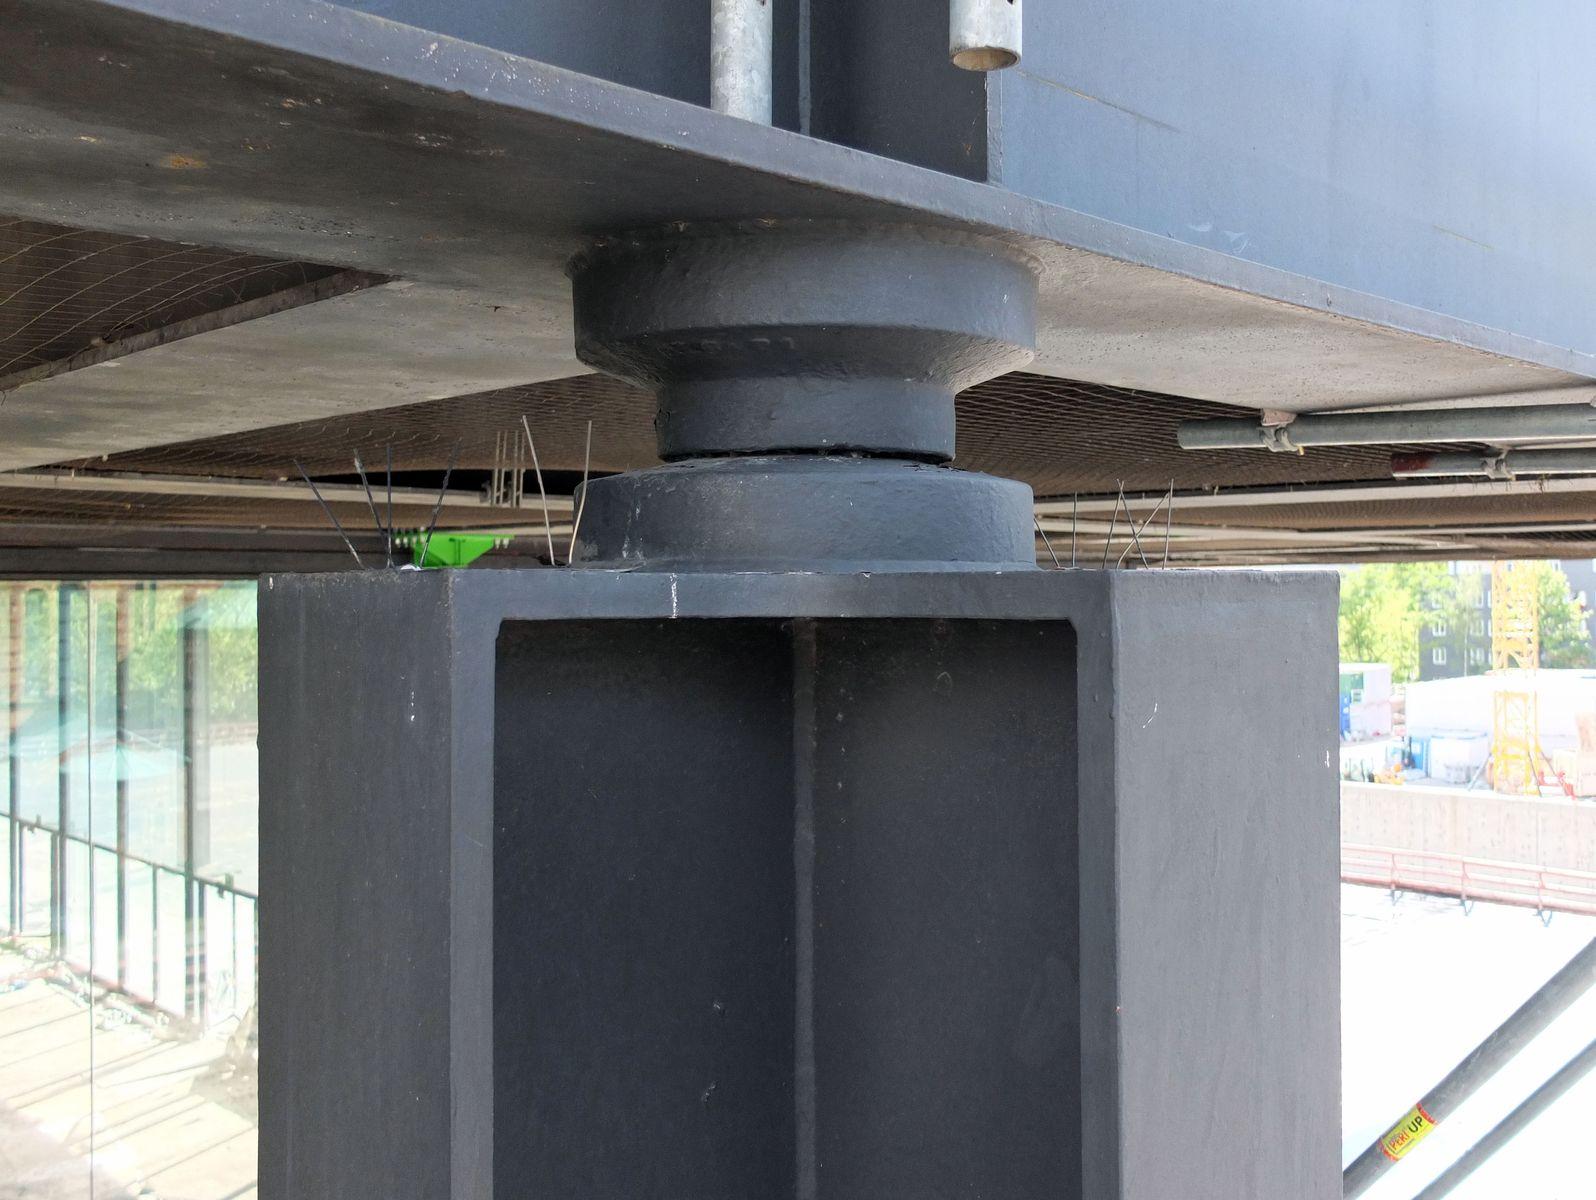 Dach und Fassade sind beweglich über eine Art Gelenk miteinander verbunden. Foto: schmedding.vonmarlin.